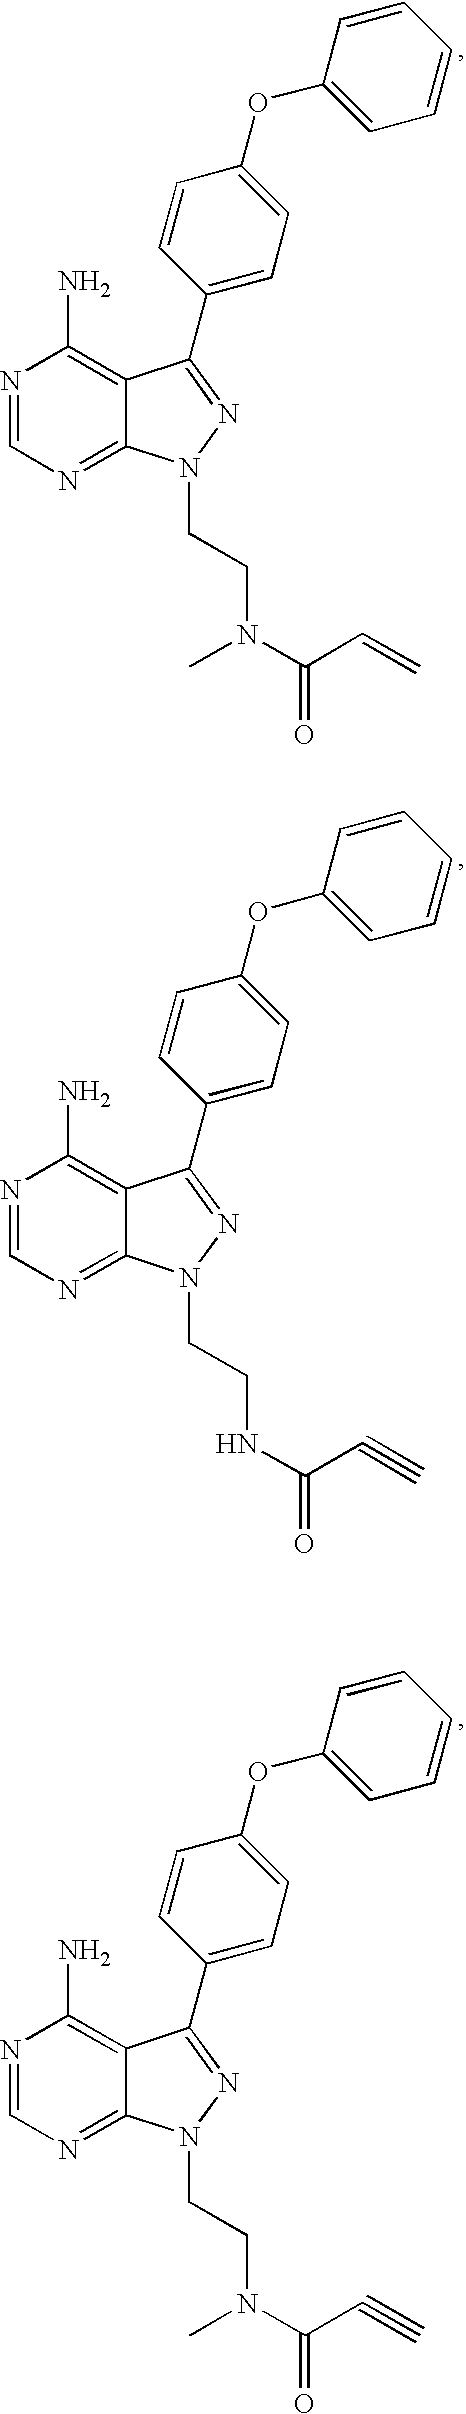 Figure US07514444-20090407-C00065